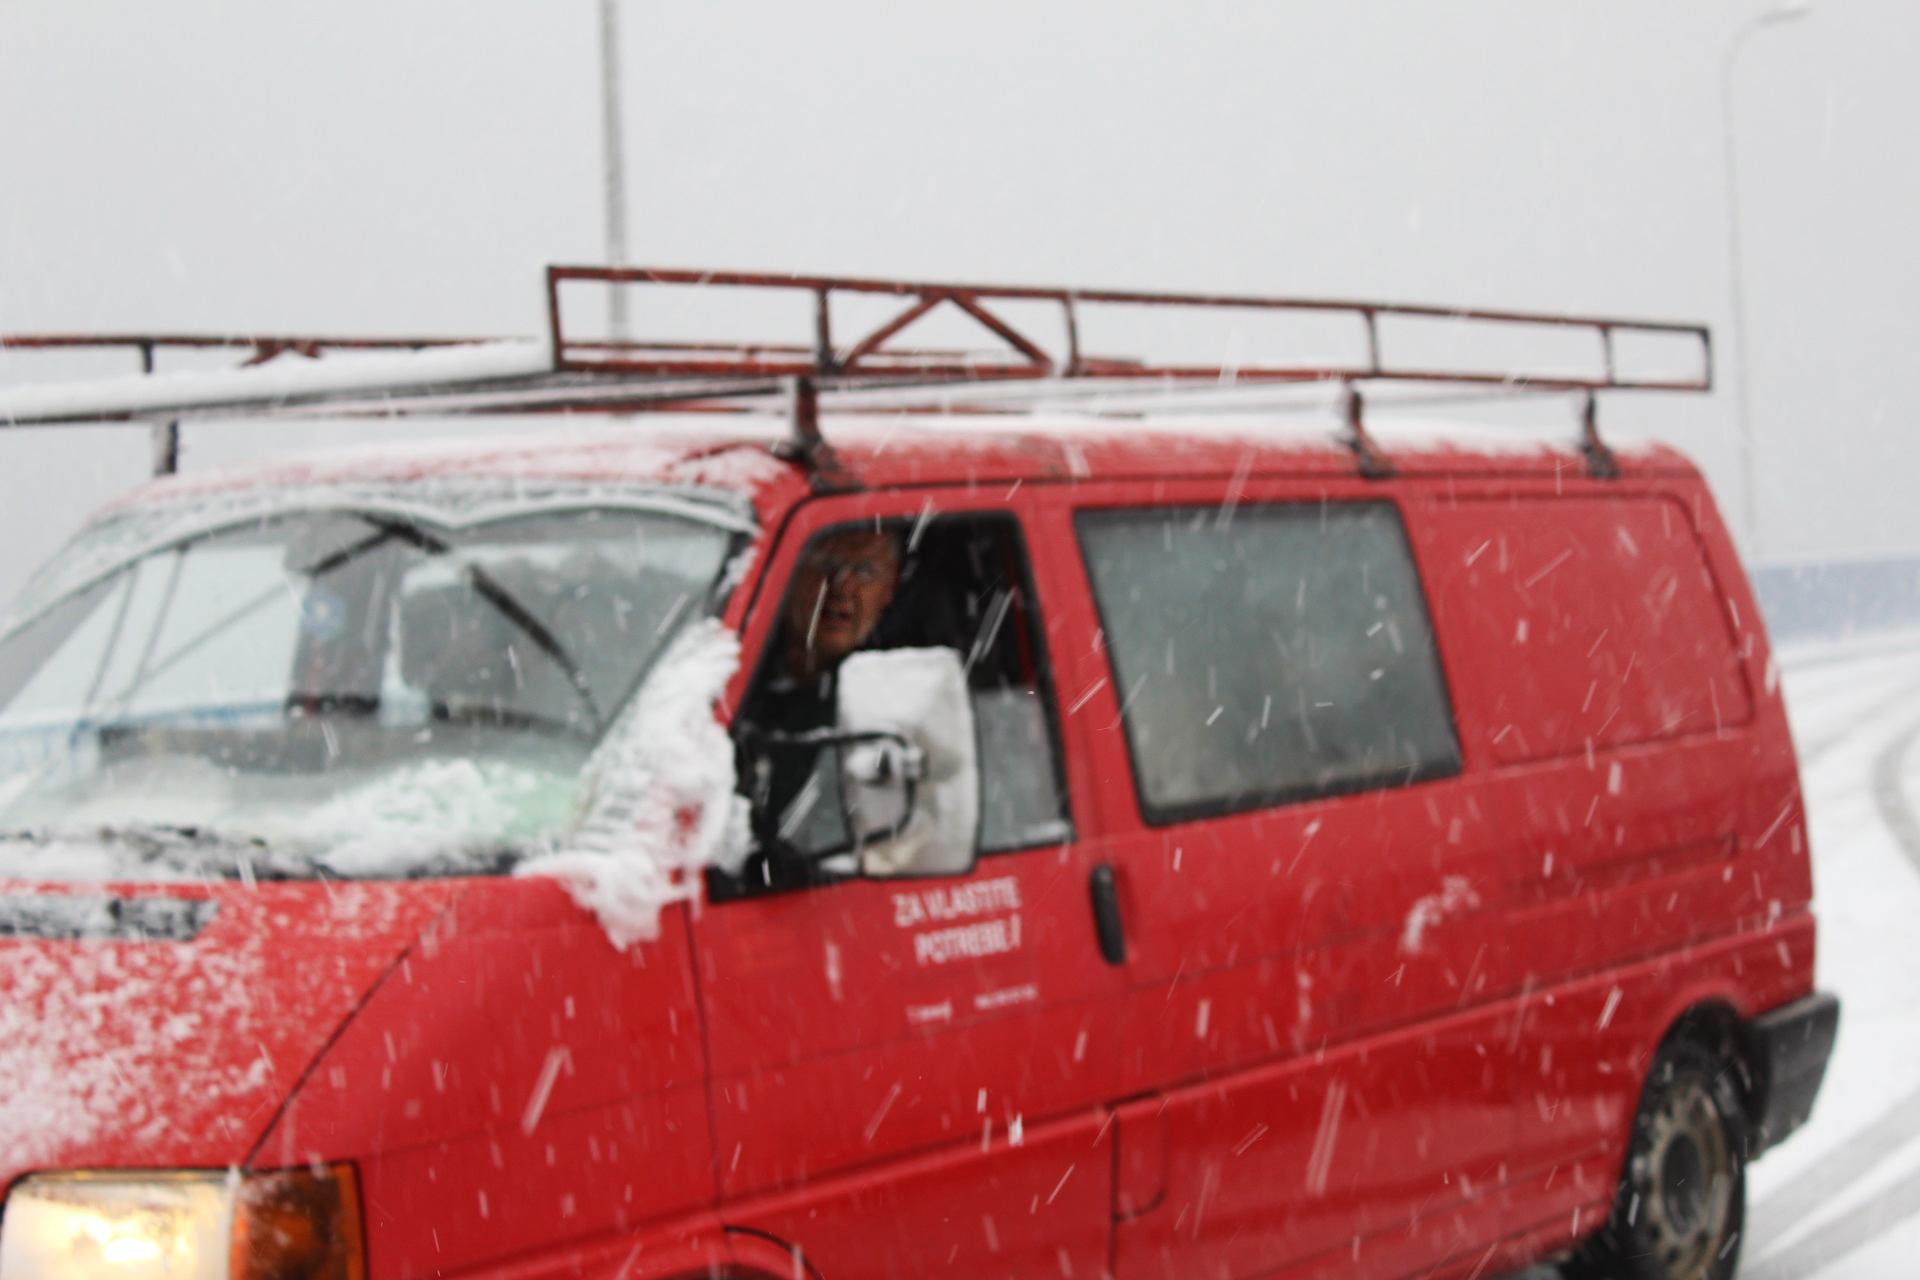 Glavni i odgovorni insan za transport našeg Muzeja Zakir-beg nekako je uspijevao po velikom snijegu da preveze posebne dragocjenosti.